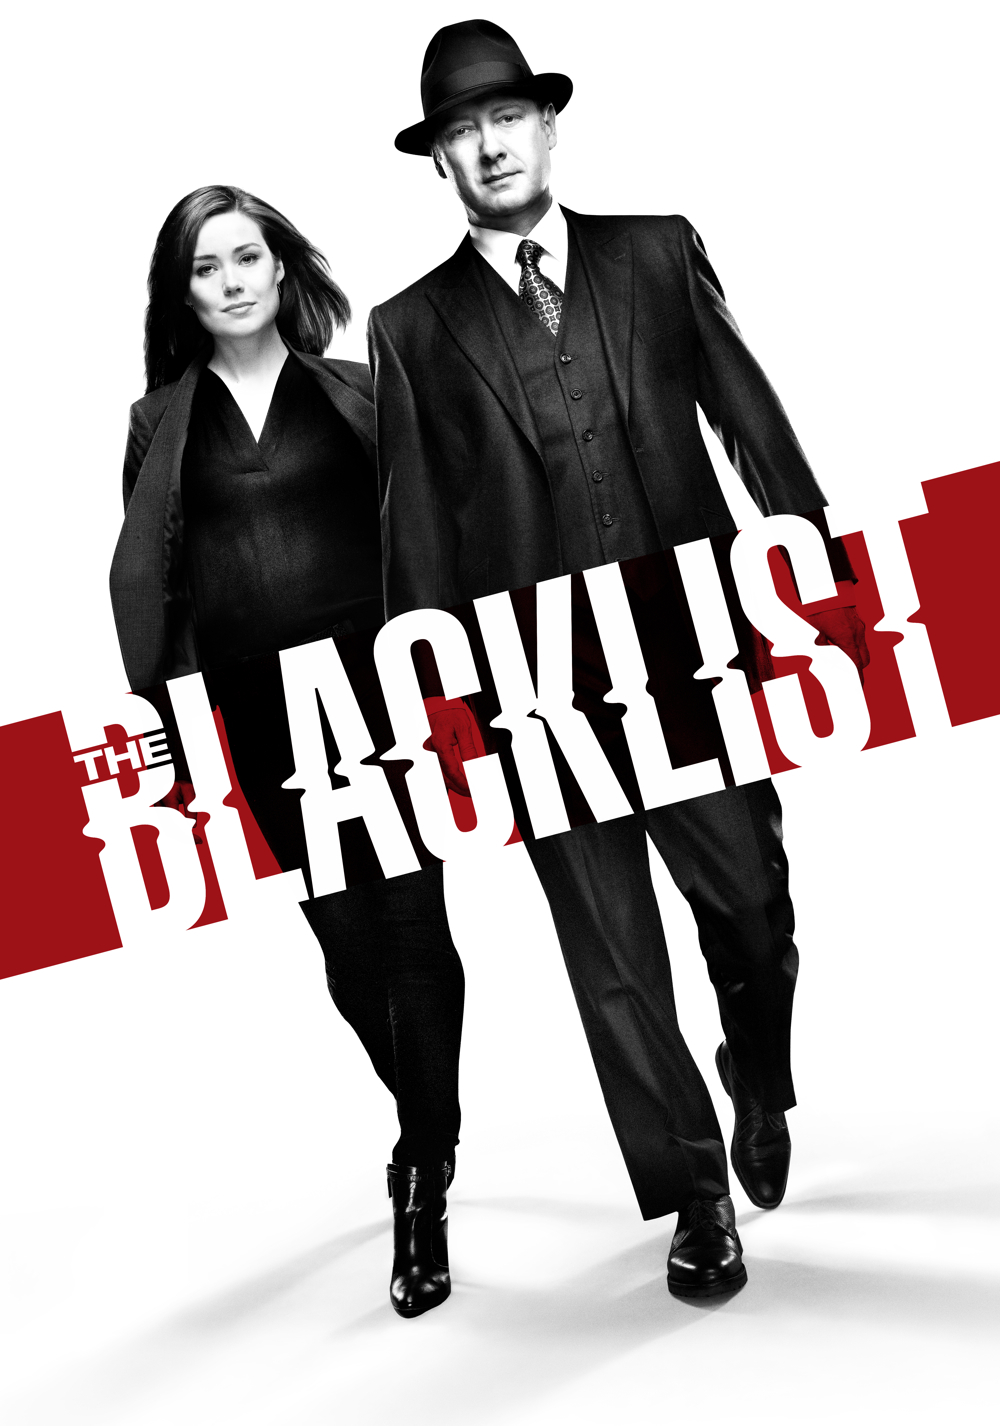 Blacklisten